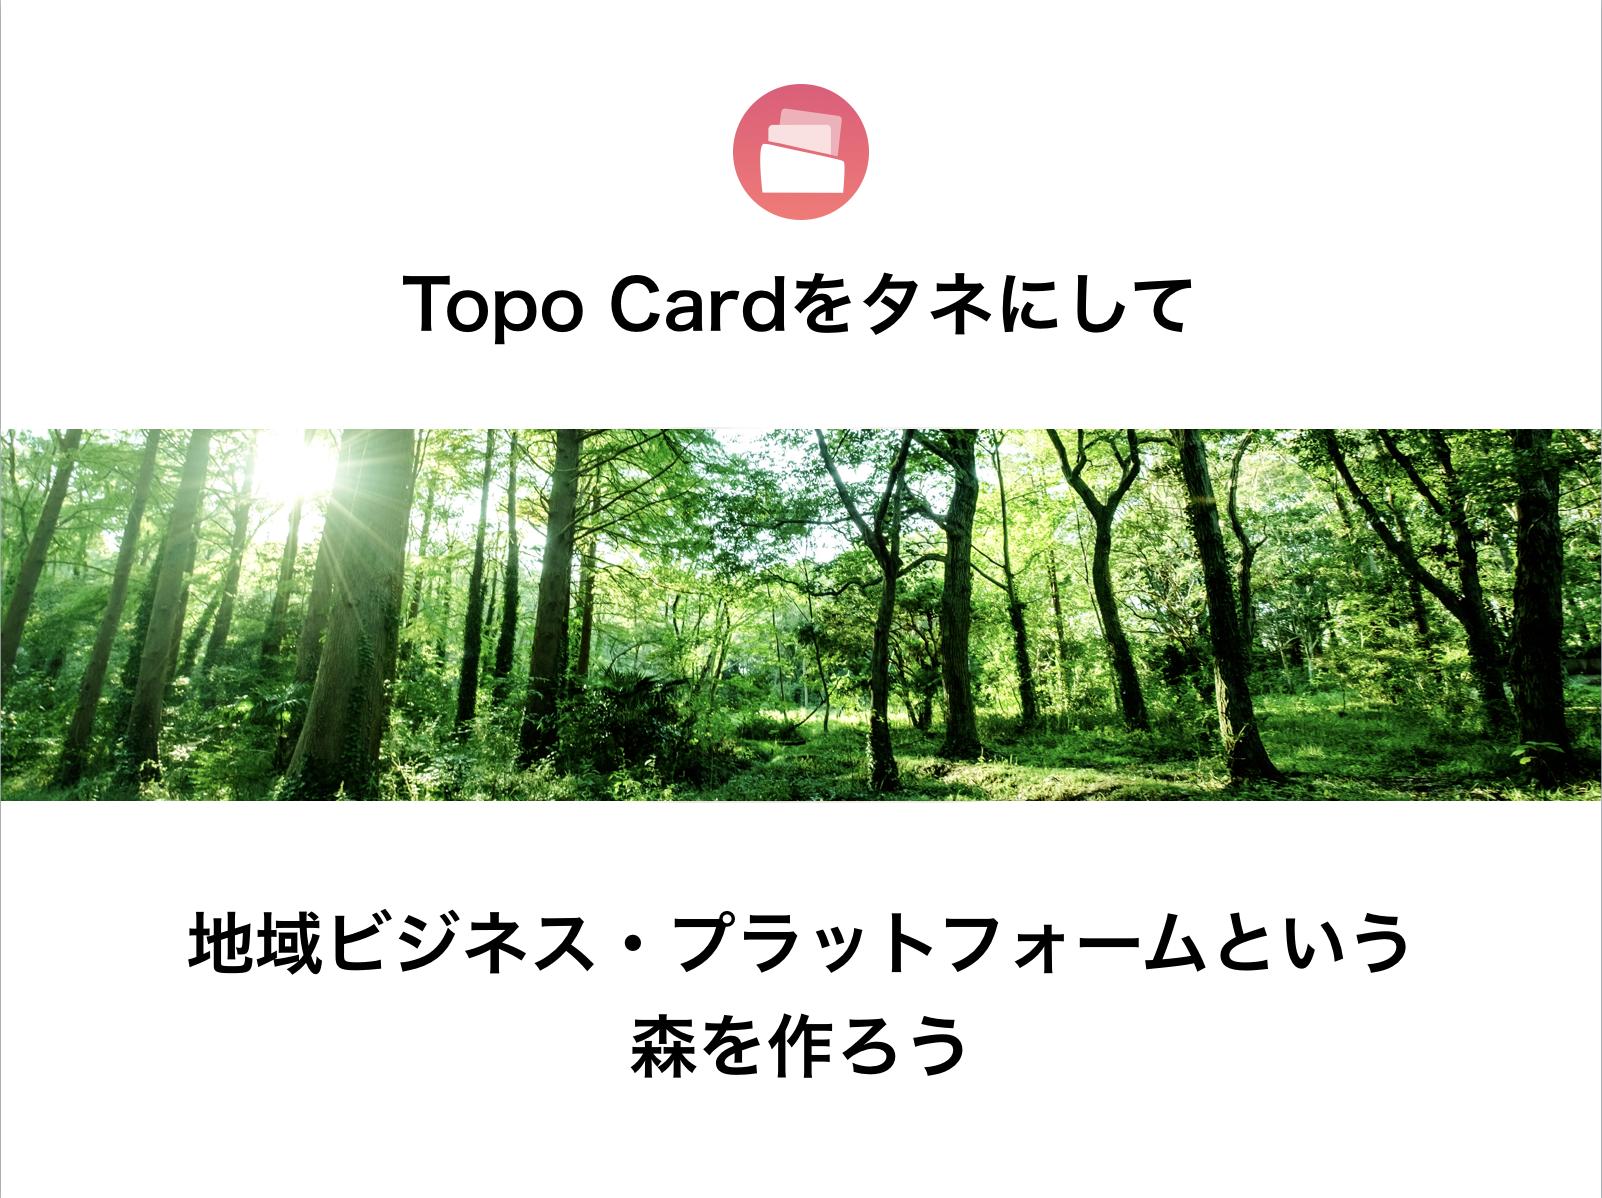 Topo Cardビジネスプラン:プレゼンテーション動画